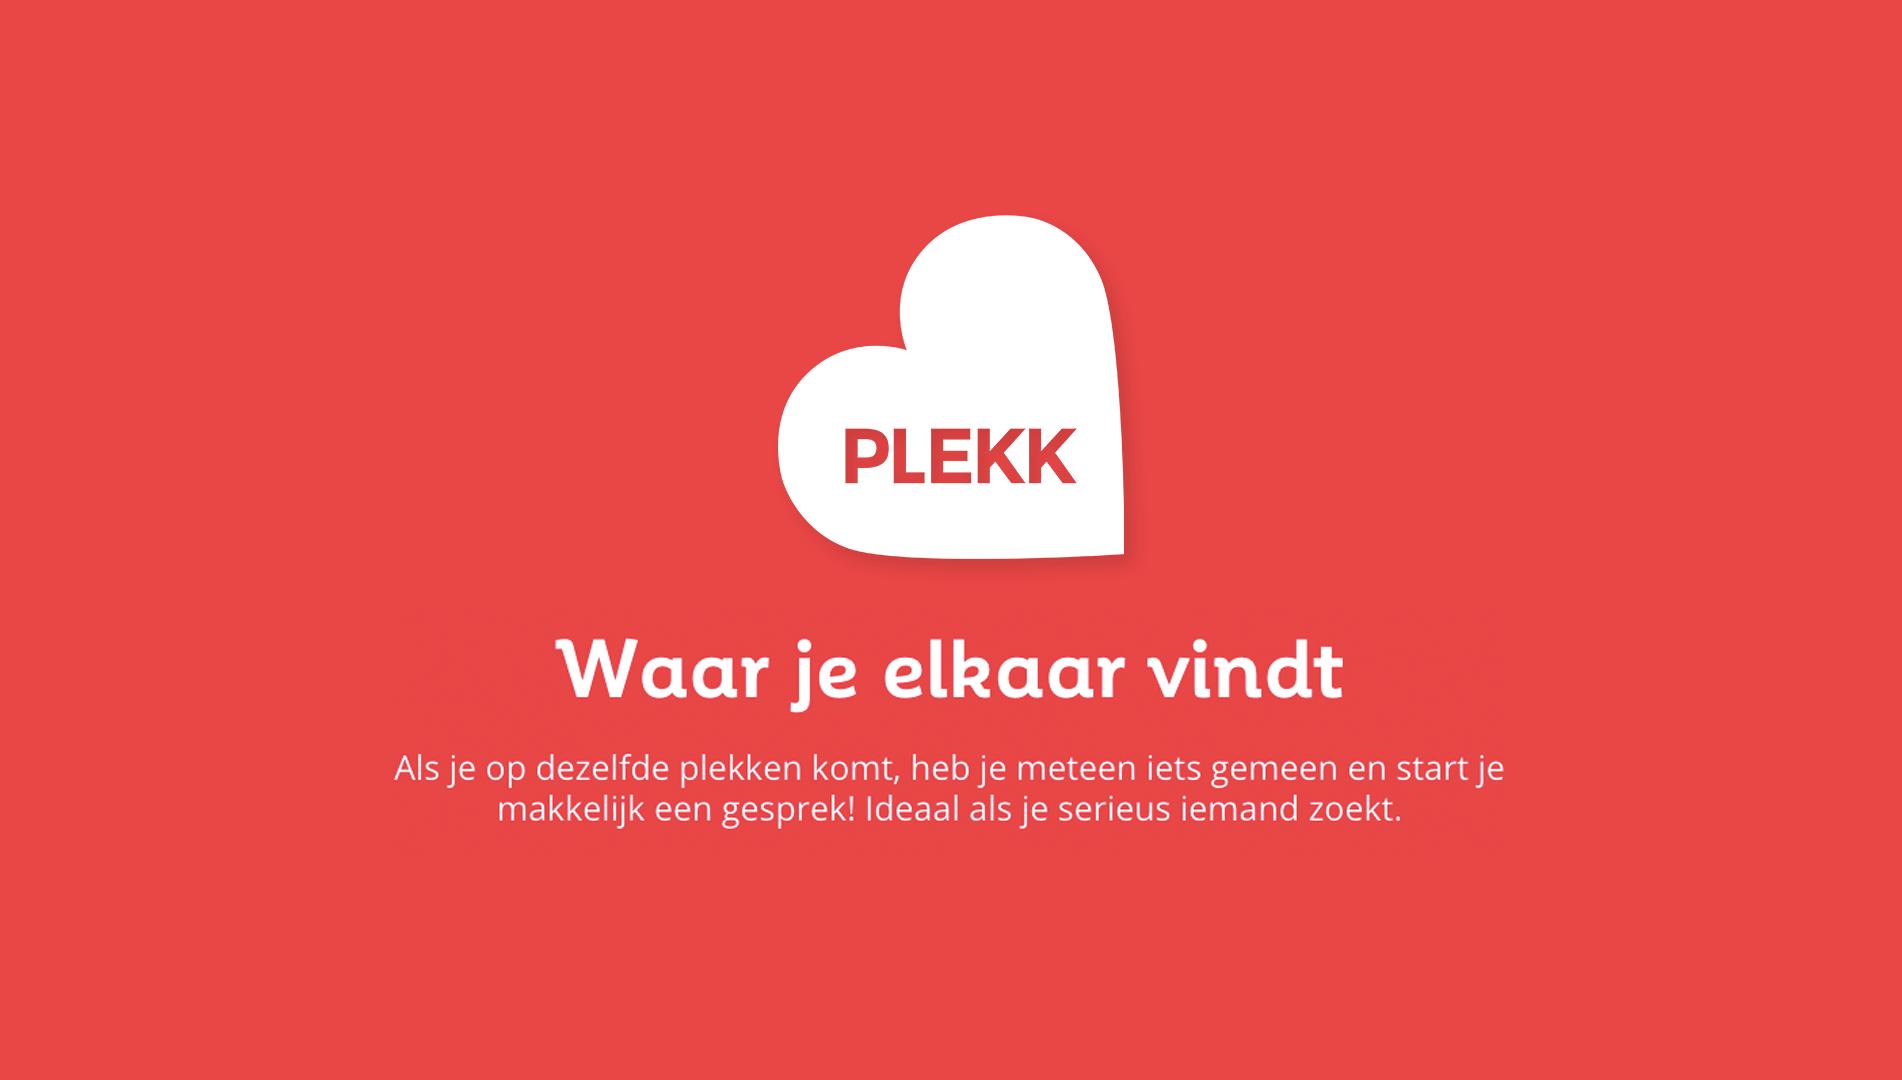 01-Plekk-copylogo